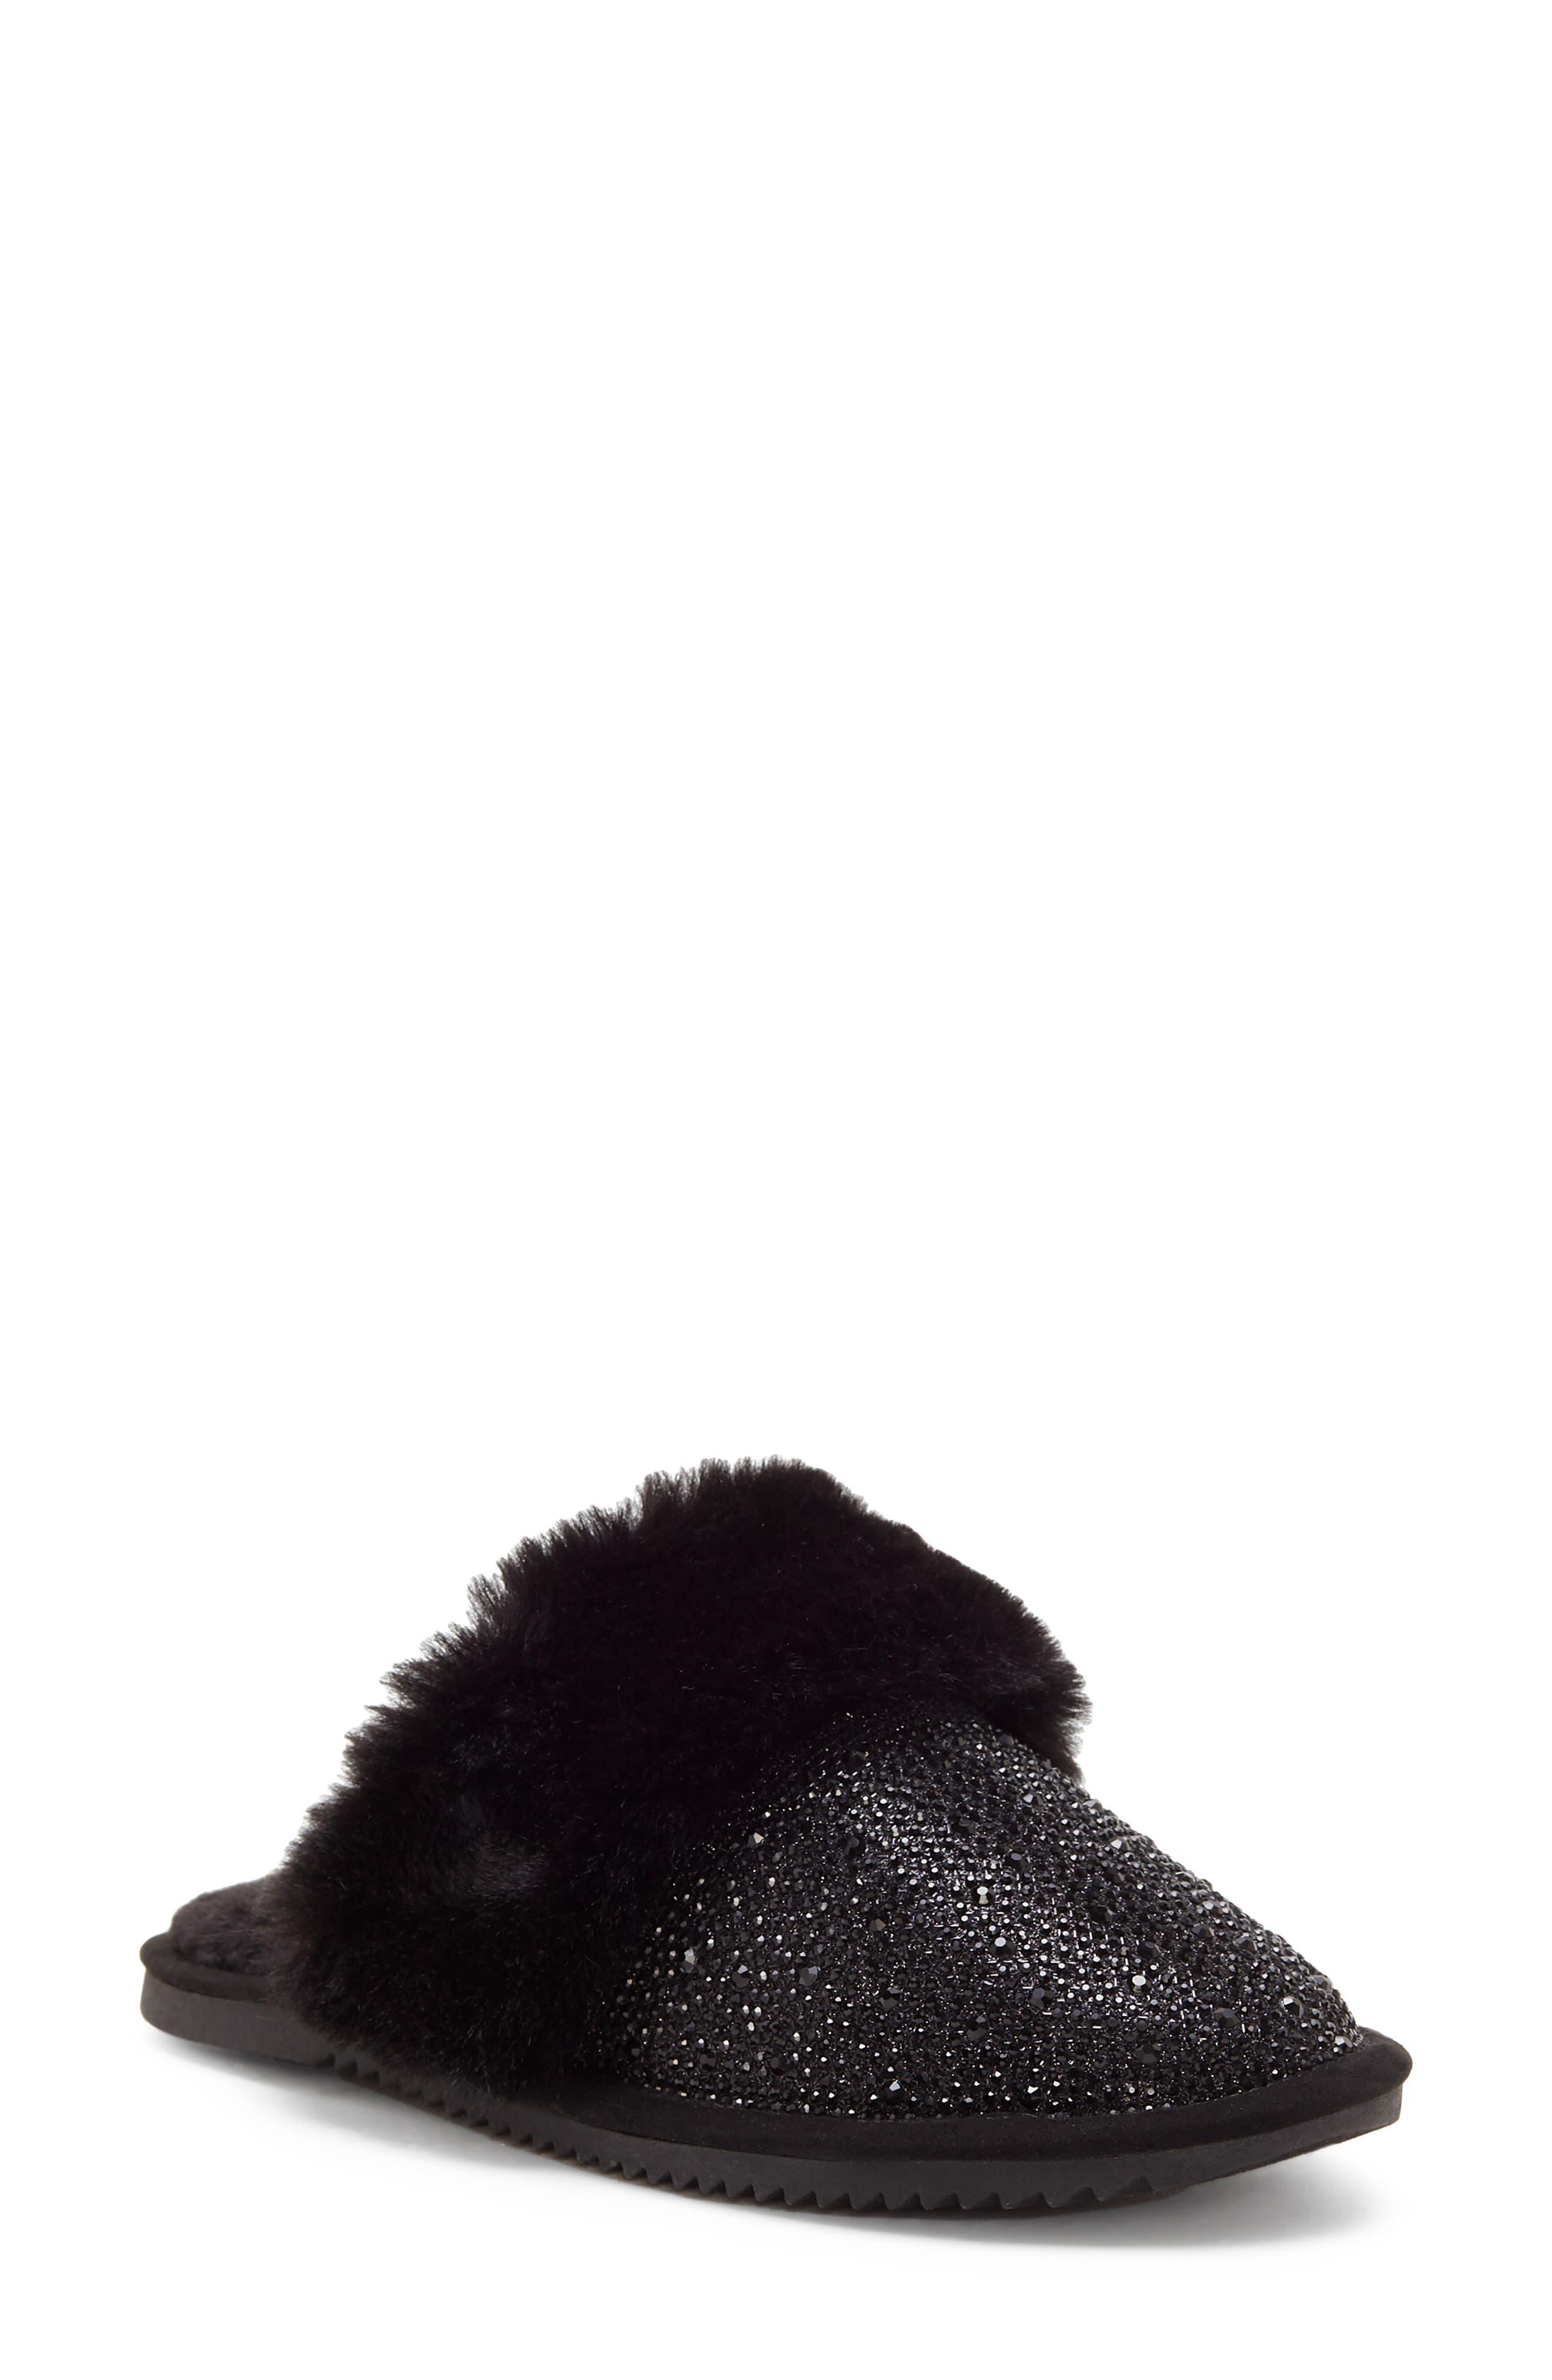 JESSICA SIMPSON, Jessenia Slipper, Main thumbnail 1, color, BLACK